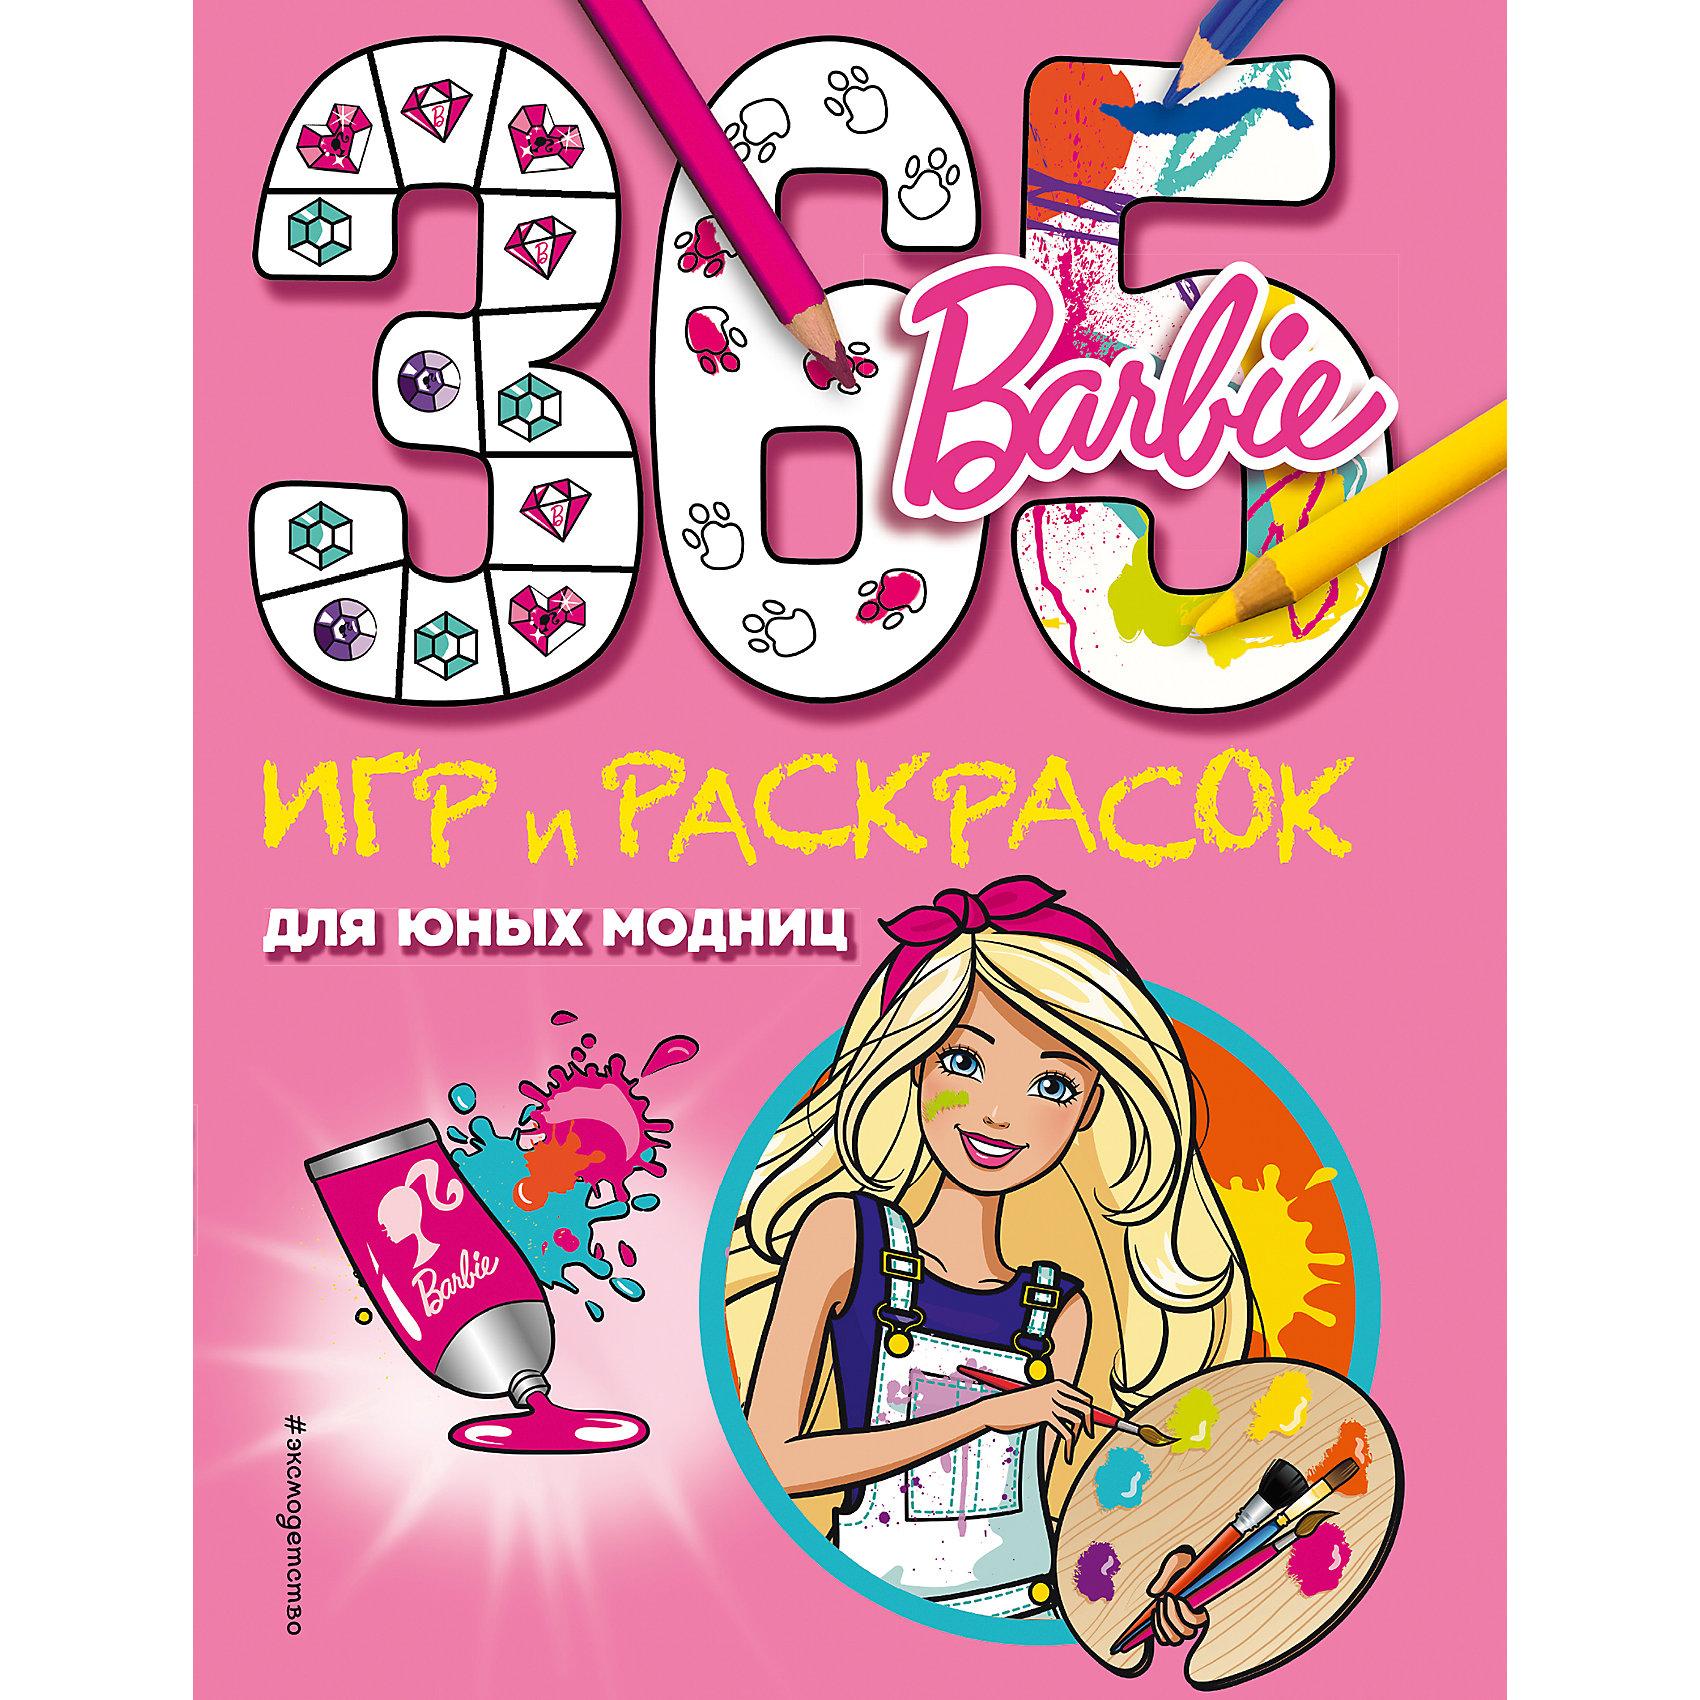 Книга 365 игр и раскрасок для юных модниц, BarbieПривет, подружка! Добро пожаловать в прекрасный мир Barbie! Рисуй, раскрашивай, разгадывай веселые головоломки и проходи замысловатые лабиринты! 365 занимательных заданий под одной обложкой – играй и раскрашивай вместе с красавицей Барби и ее друзьями!<br><br>Ширина мм: 255<br>Глубина мм: 197<br>Высота мм: 120<br>Вес г: 509<br>Возраст от месяцев: 36<br>Возраст до месяцев: 168<br>Пол: Унисекс<br>Возраст: Детский<br>SKU: 5535202